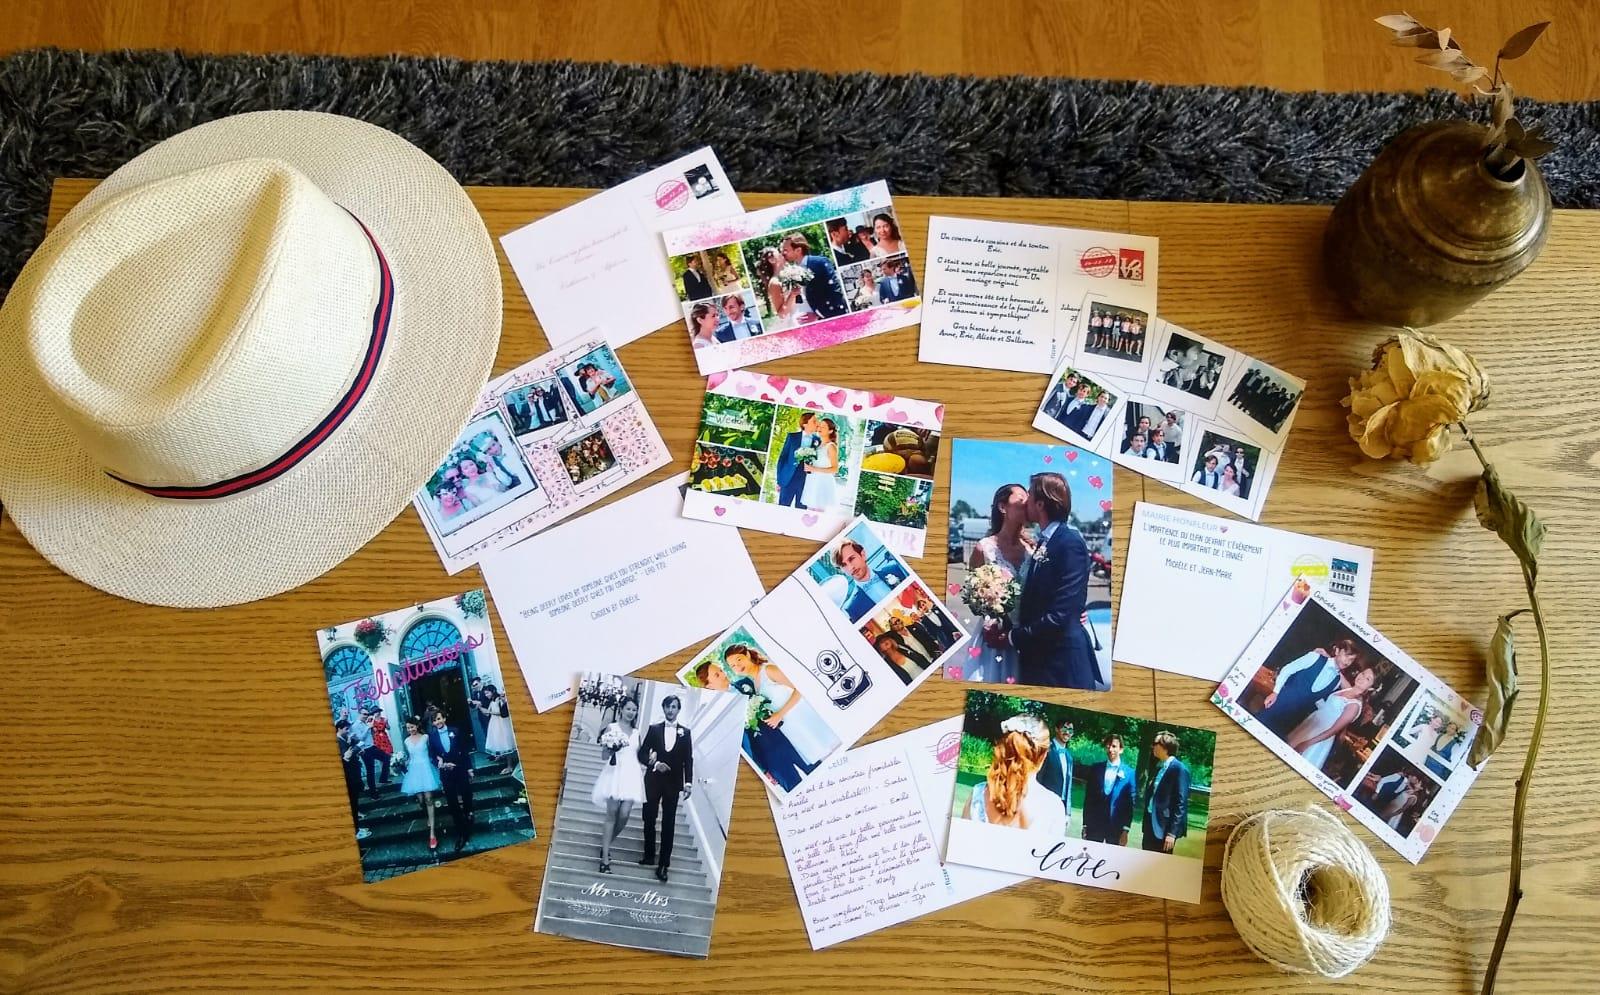 Les cartes postales de mariage envoyées par Wendy